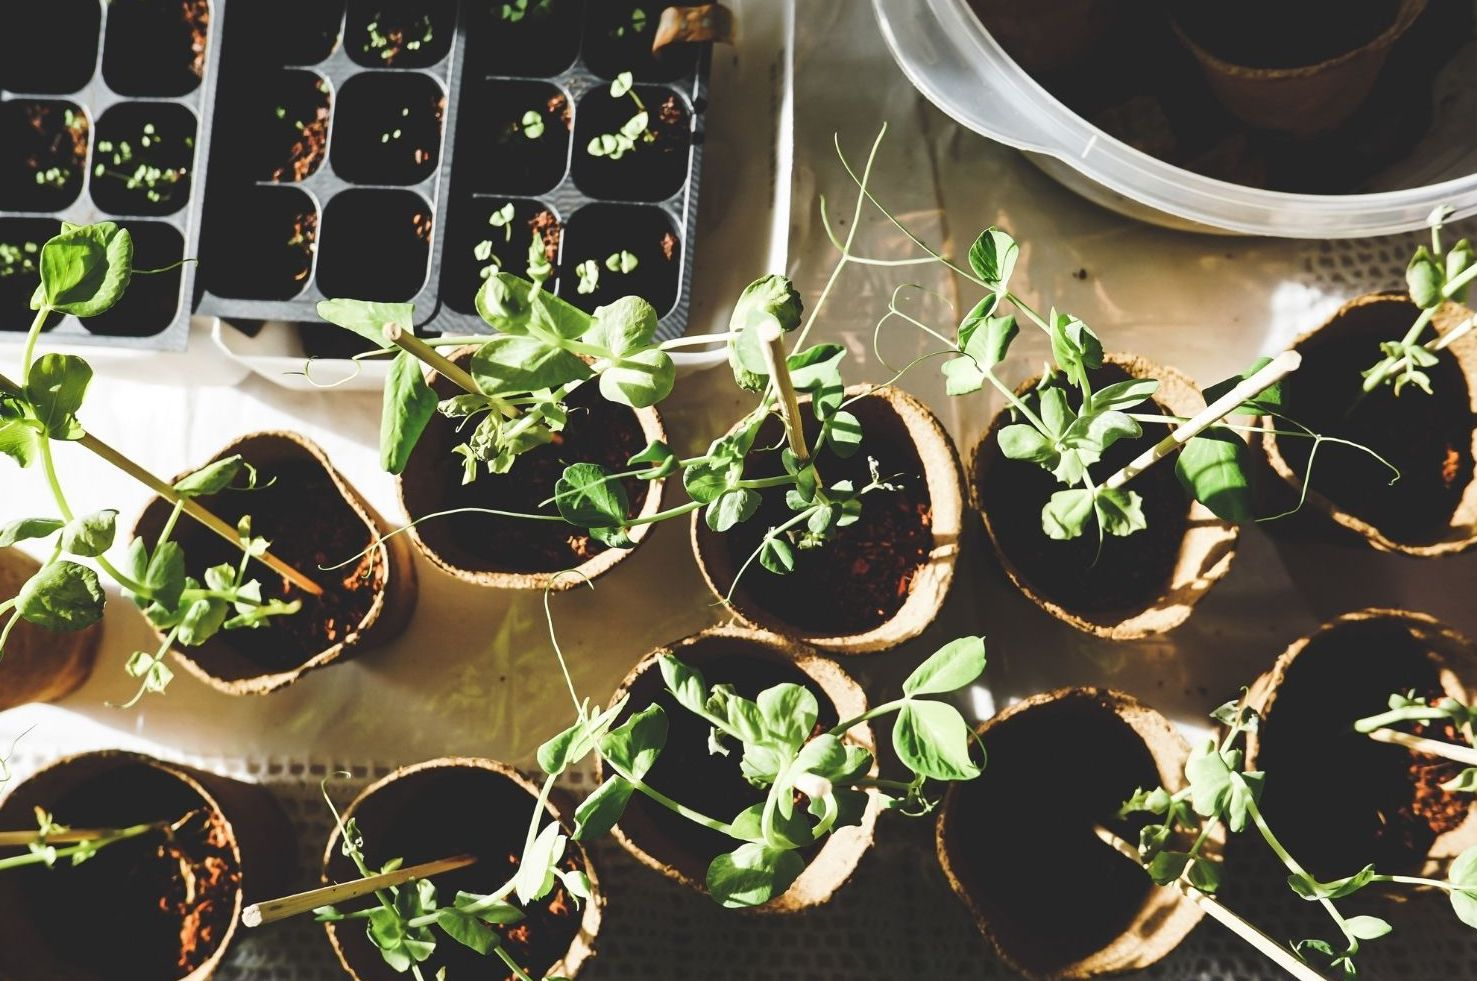 Plantes d'intérieurs : comment purifier son air au vert ?